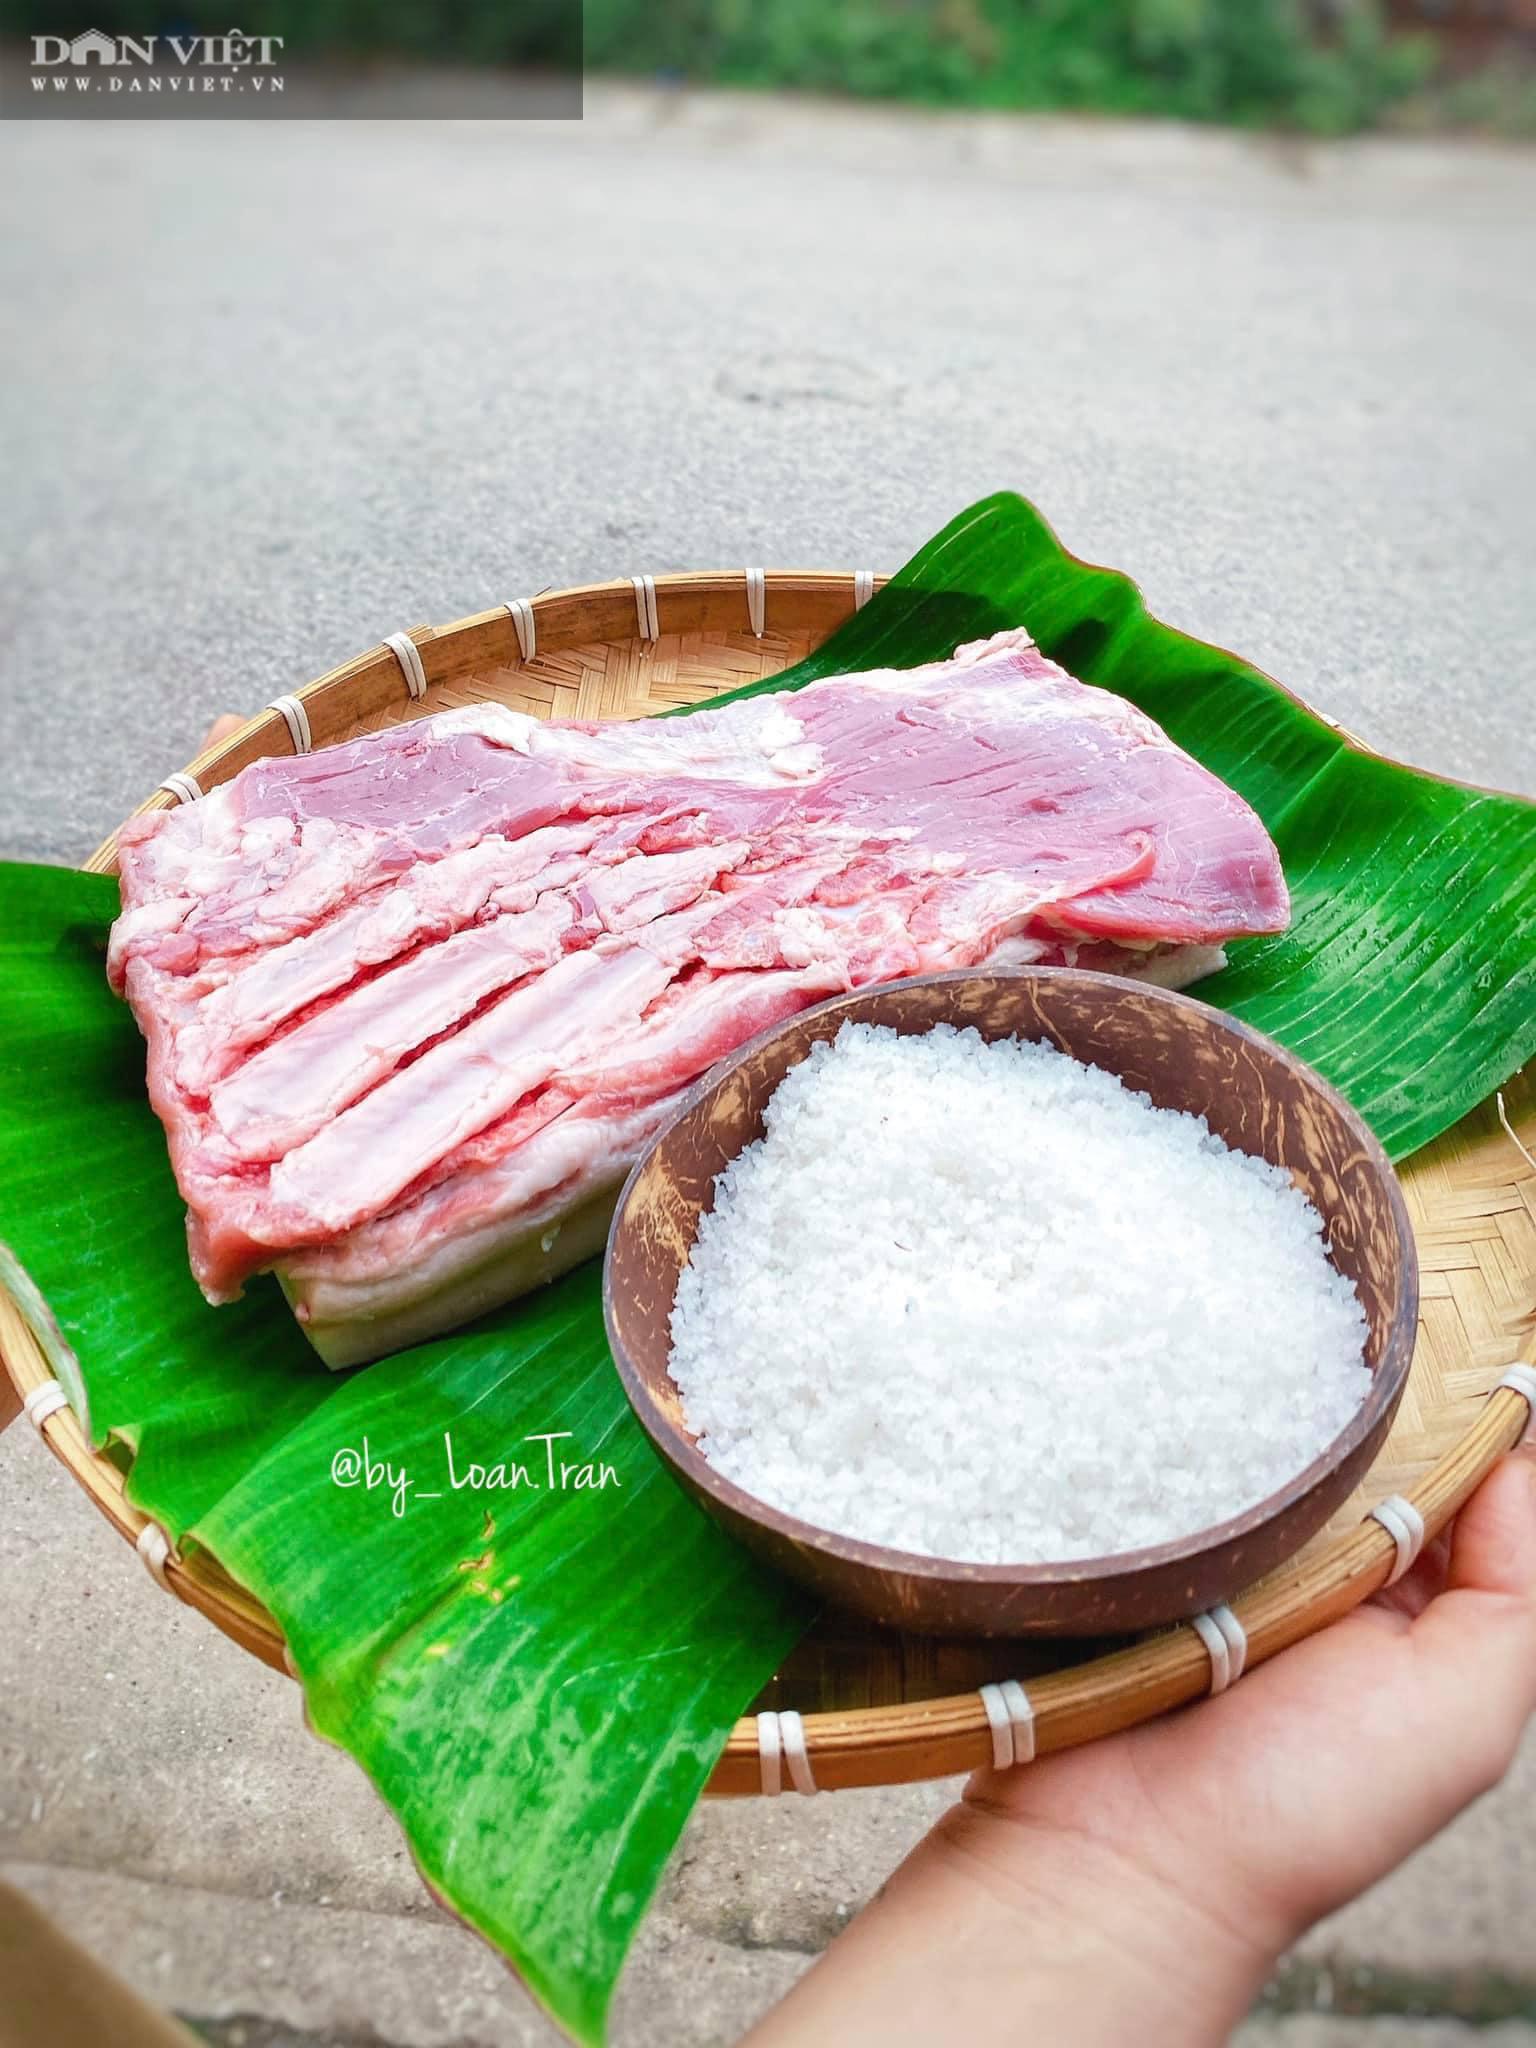 Chỉ cần làm điều này, đảm bảo thịt quay bằng nồi chiên không dầu ngon đúng chuẩn - Ảnh 1.